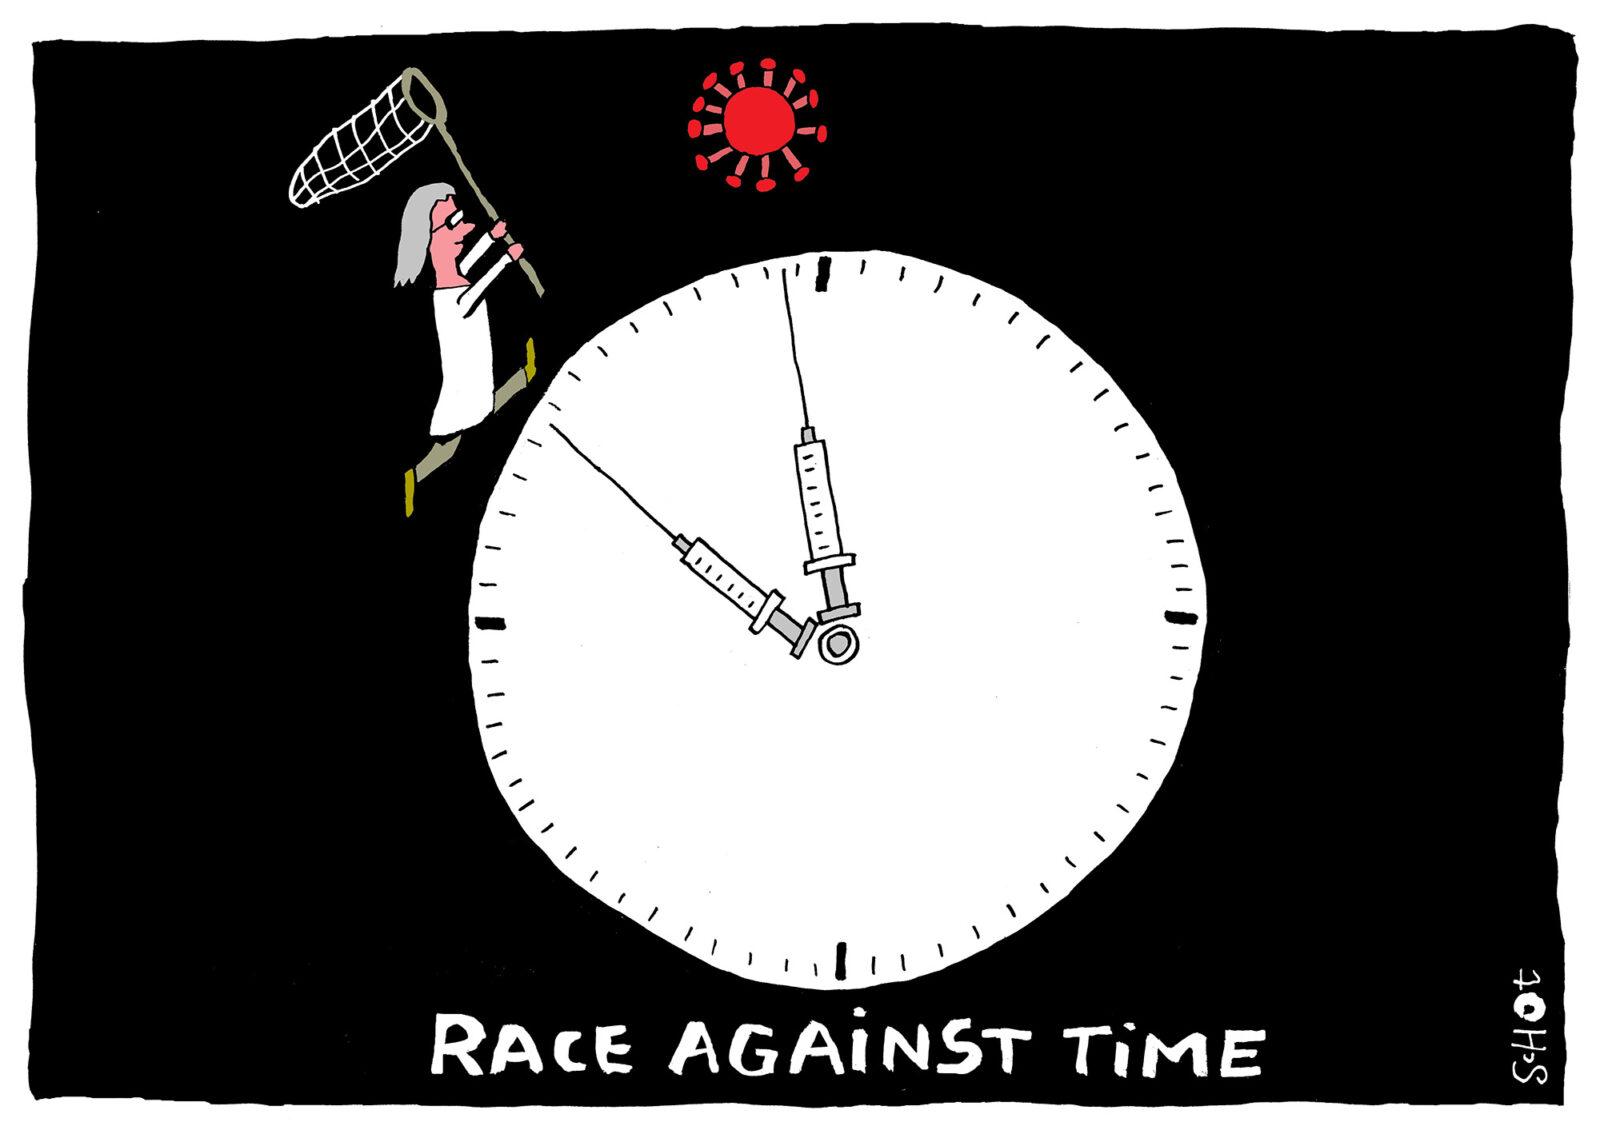 Kwestie EN – coronavirus race tegen de klok – bas van der schot